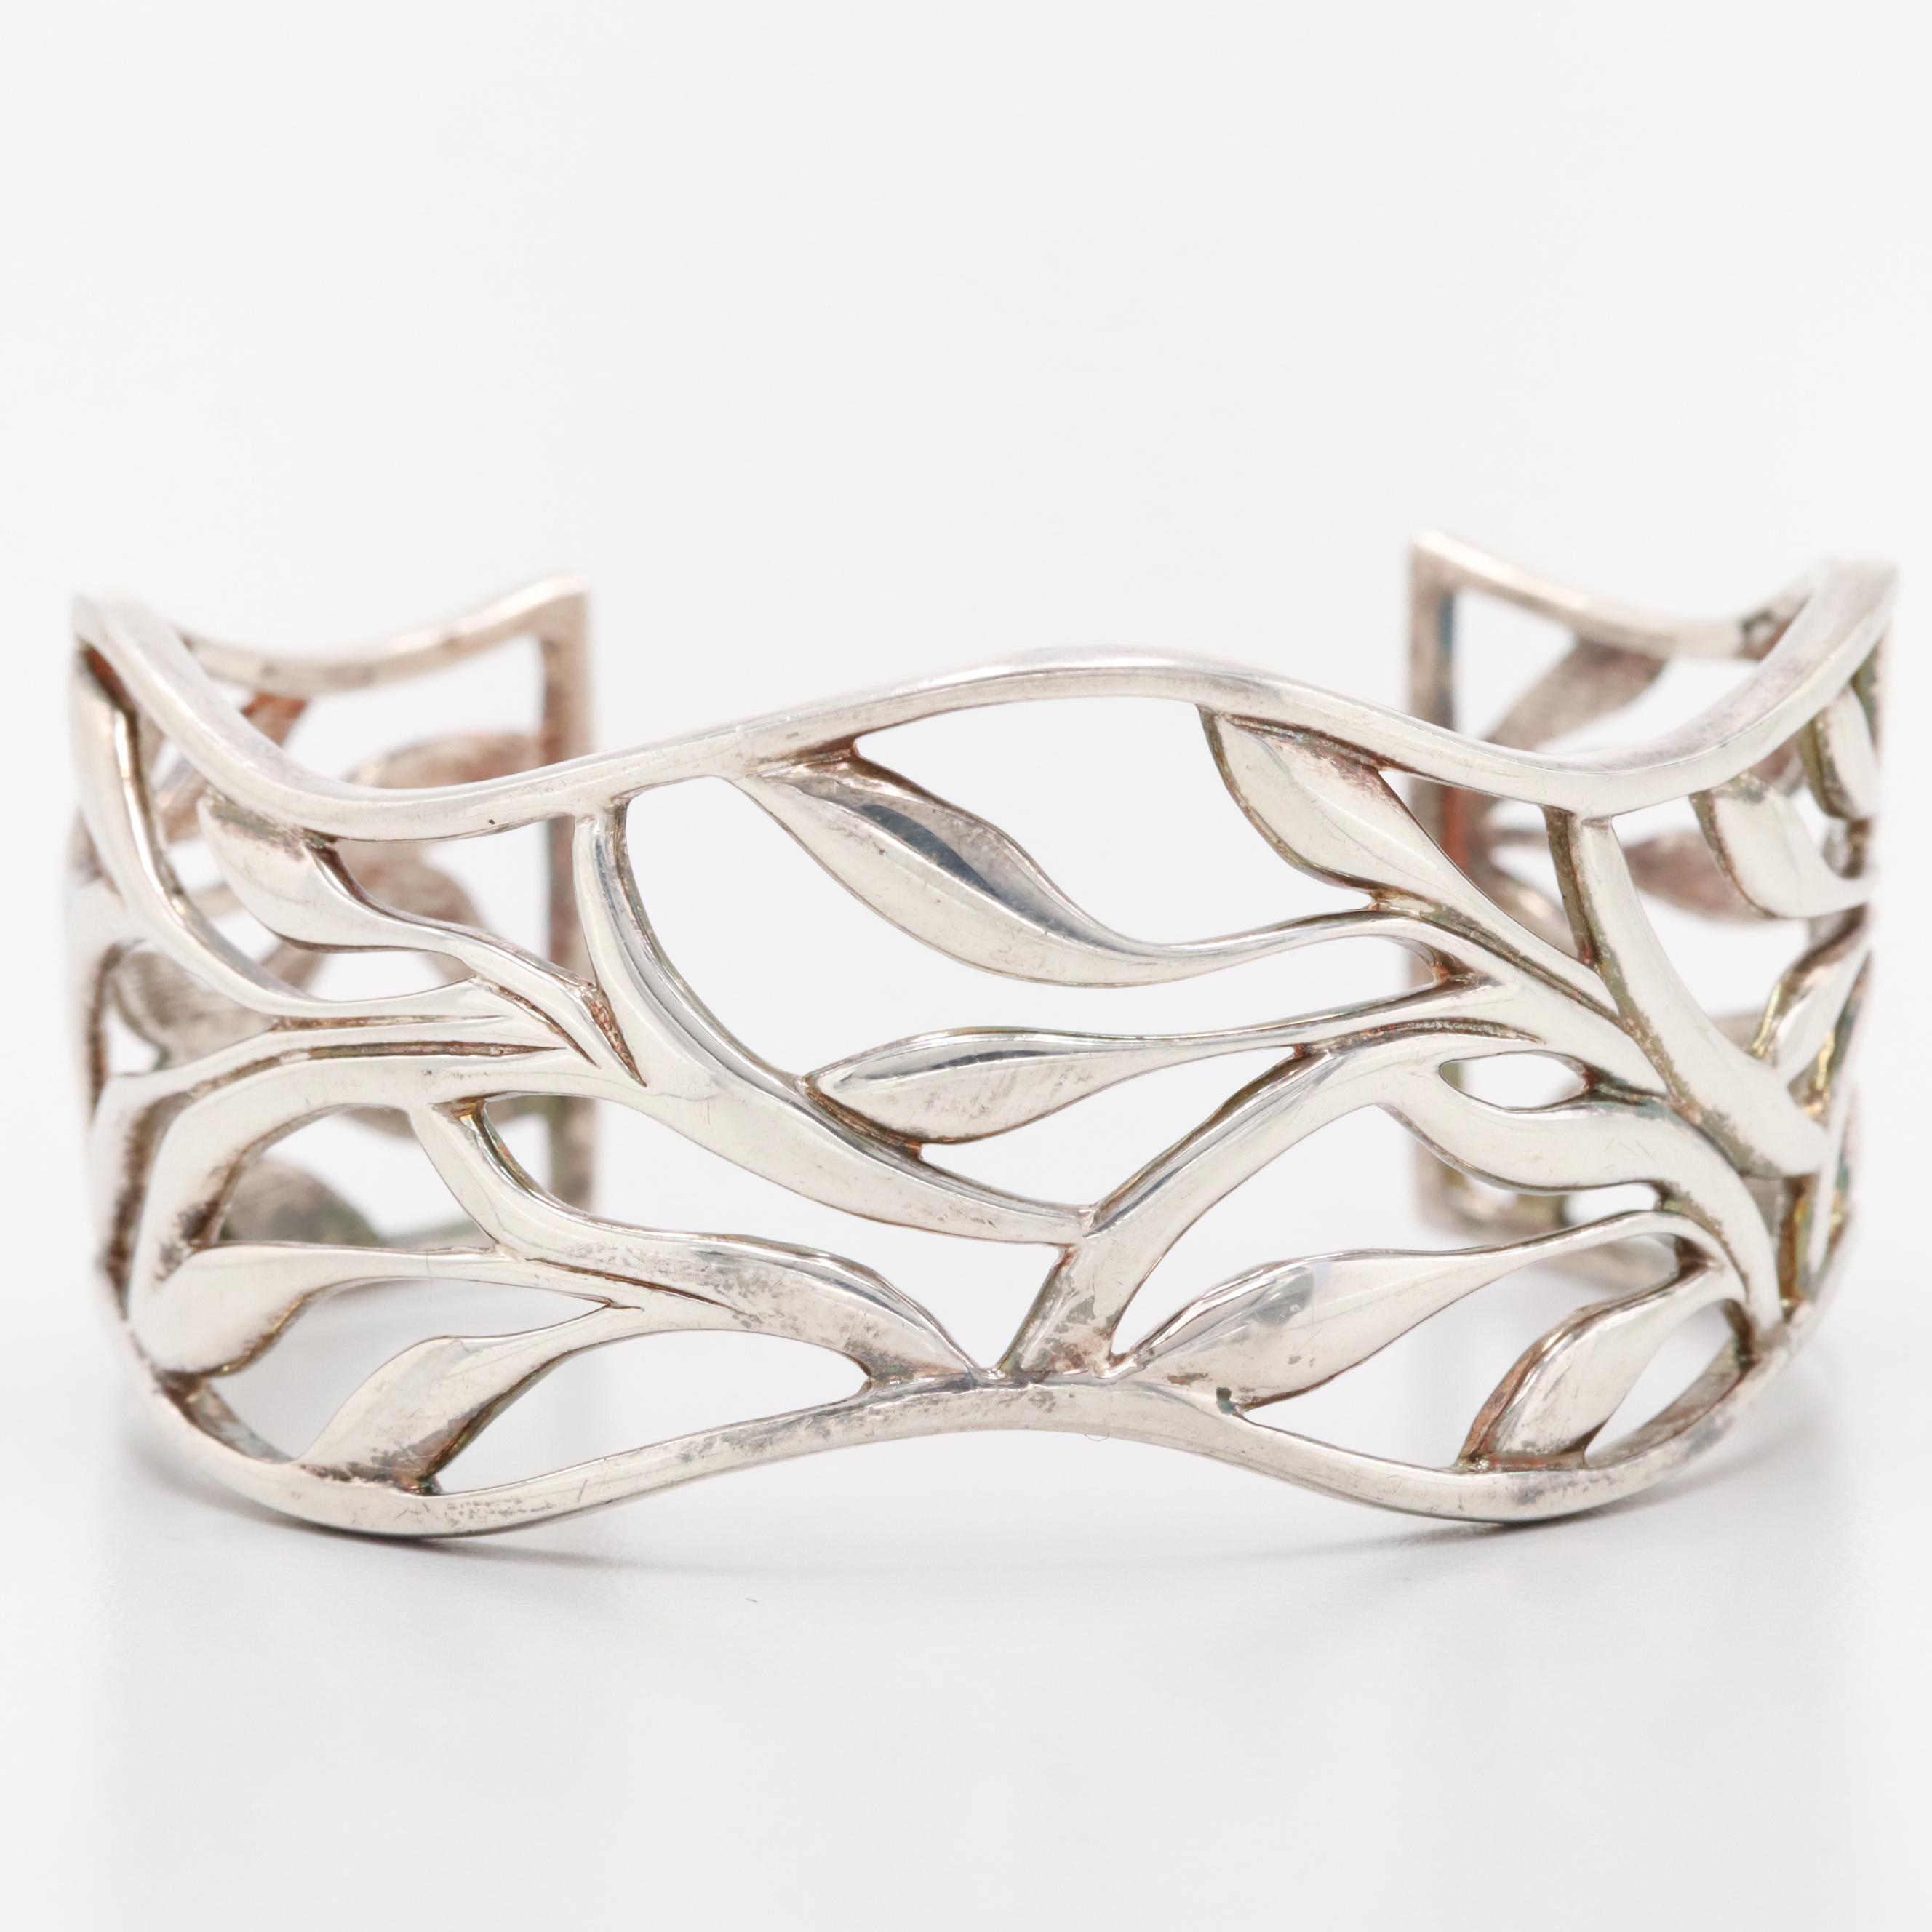 Sterling Silver Open Work Cuff Bracelet